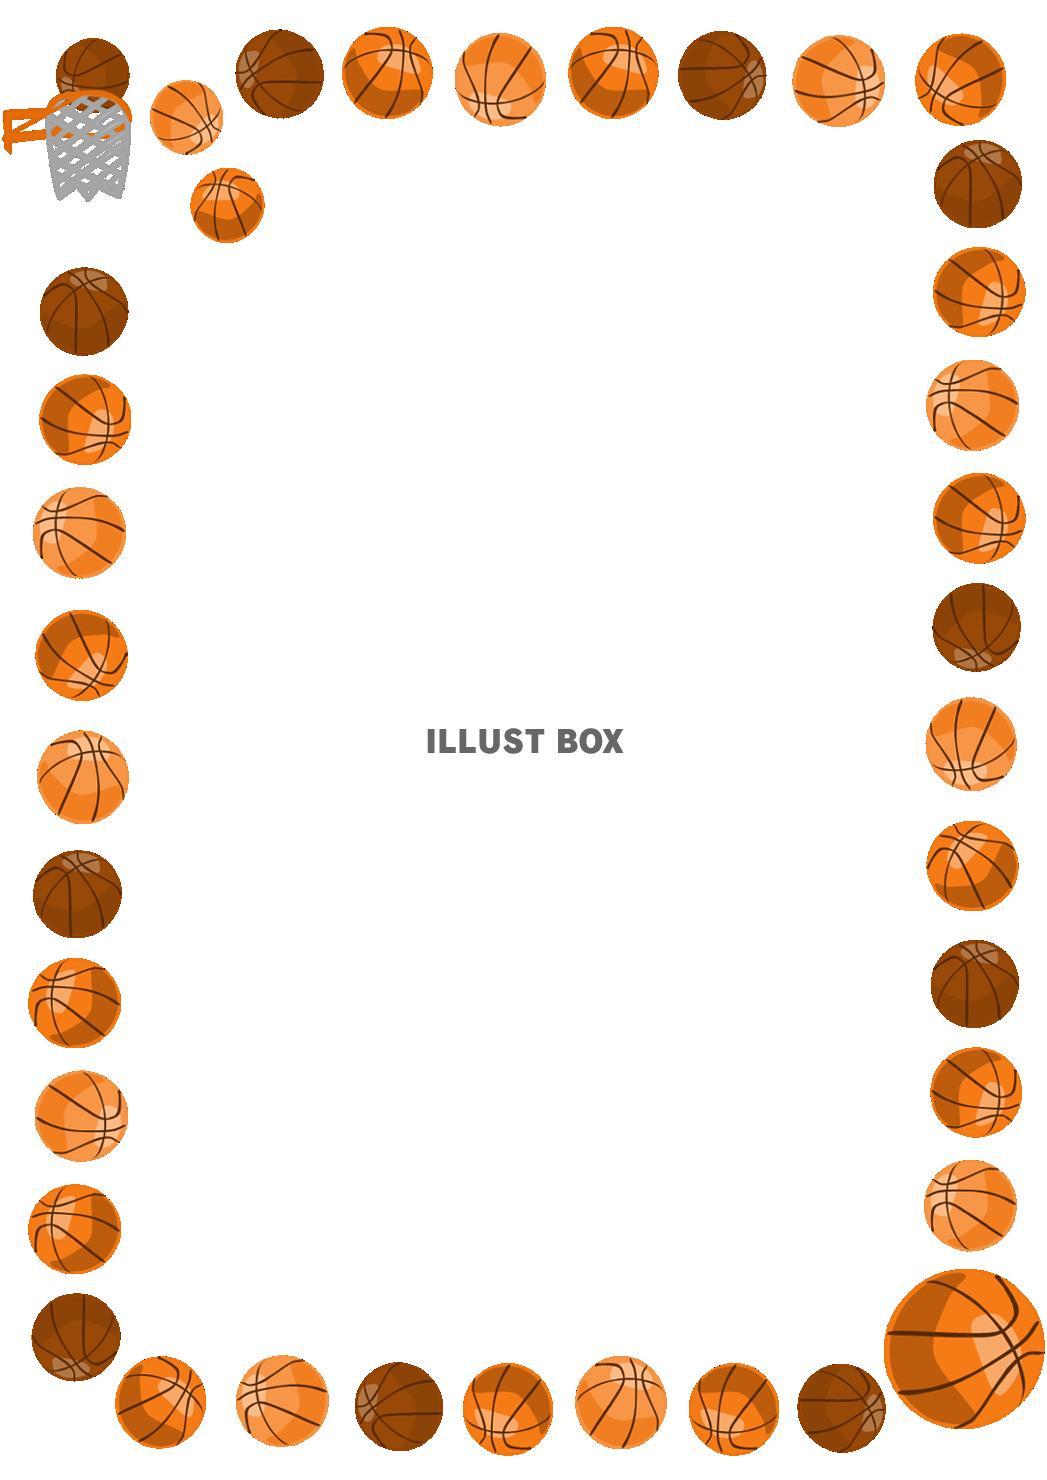 無料イラスト バスケットボールのフレーム縦